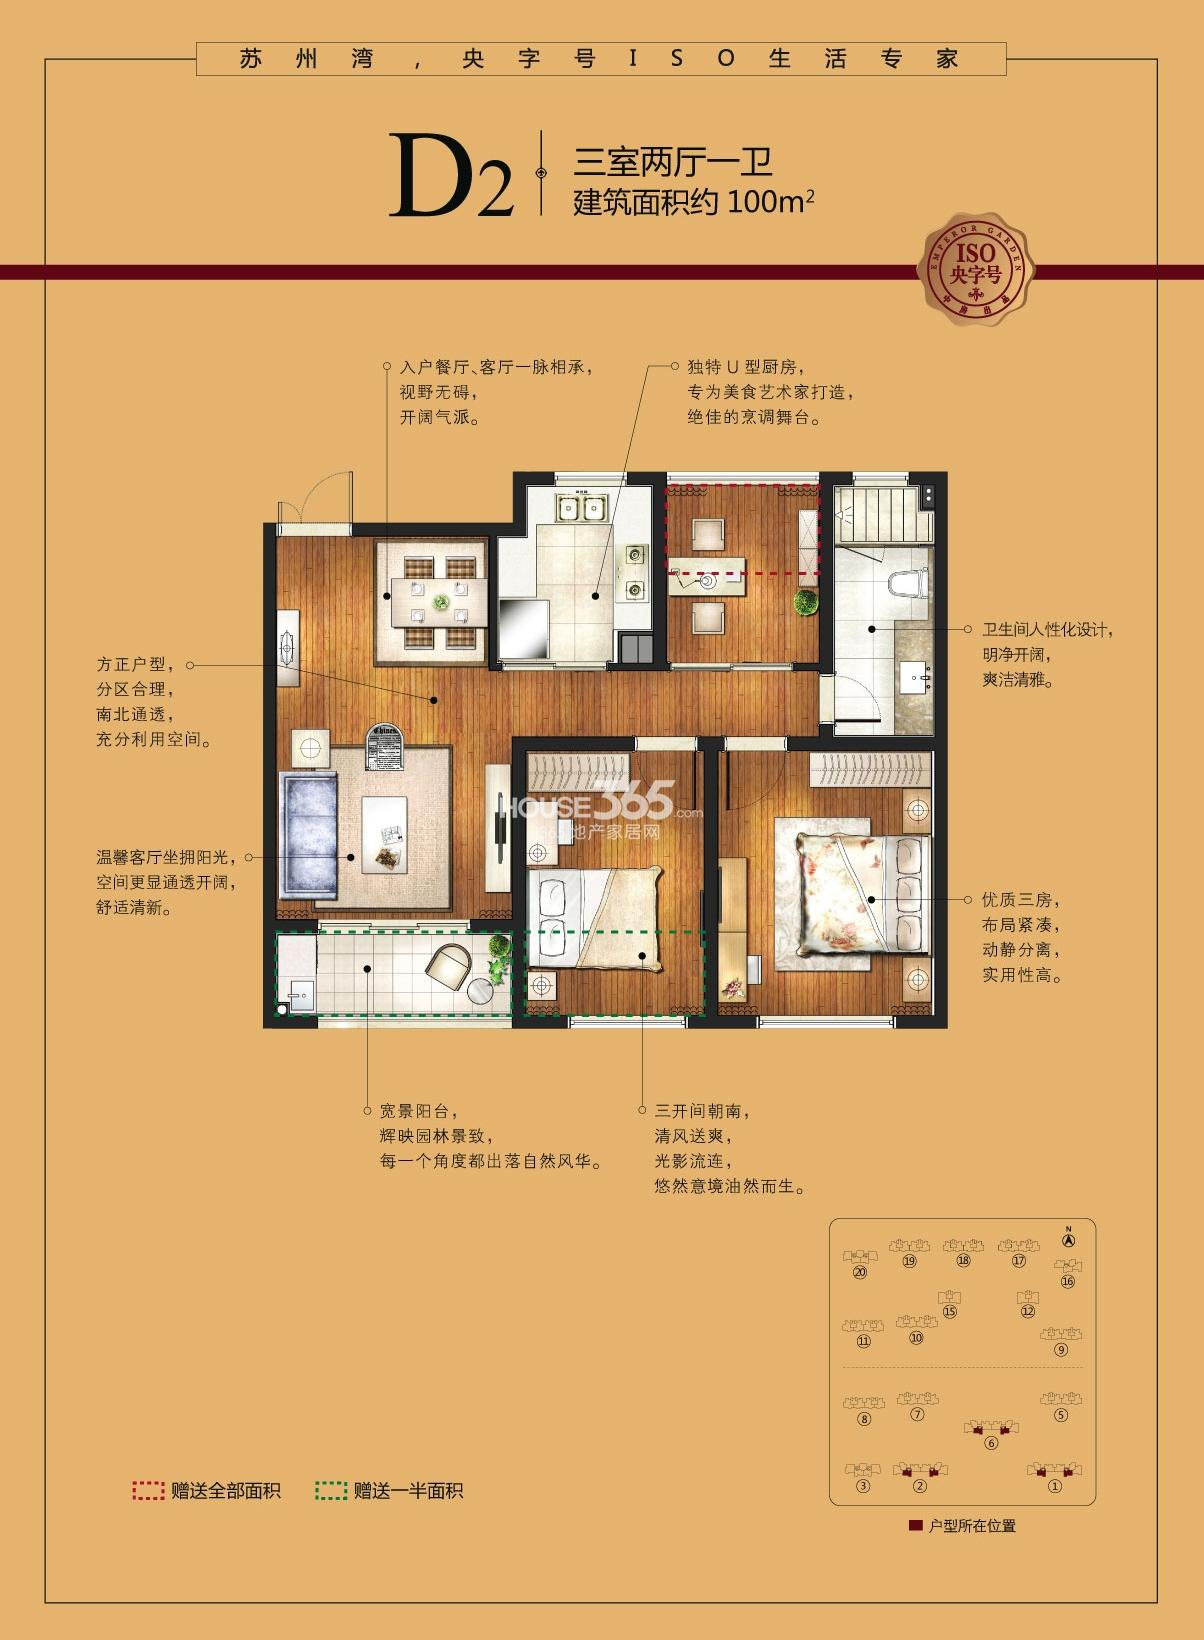 D2户型100平米,三室两厅一卫